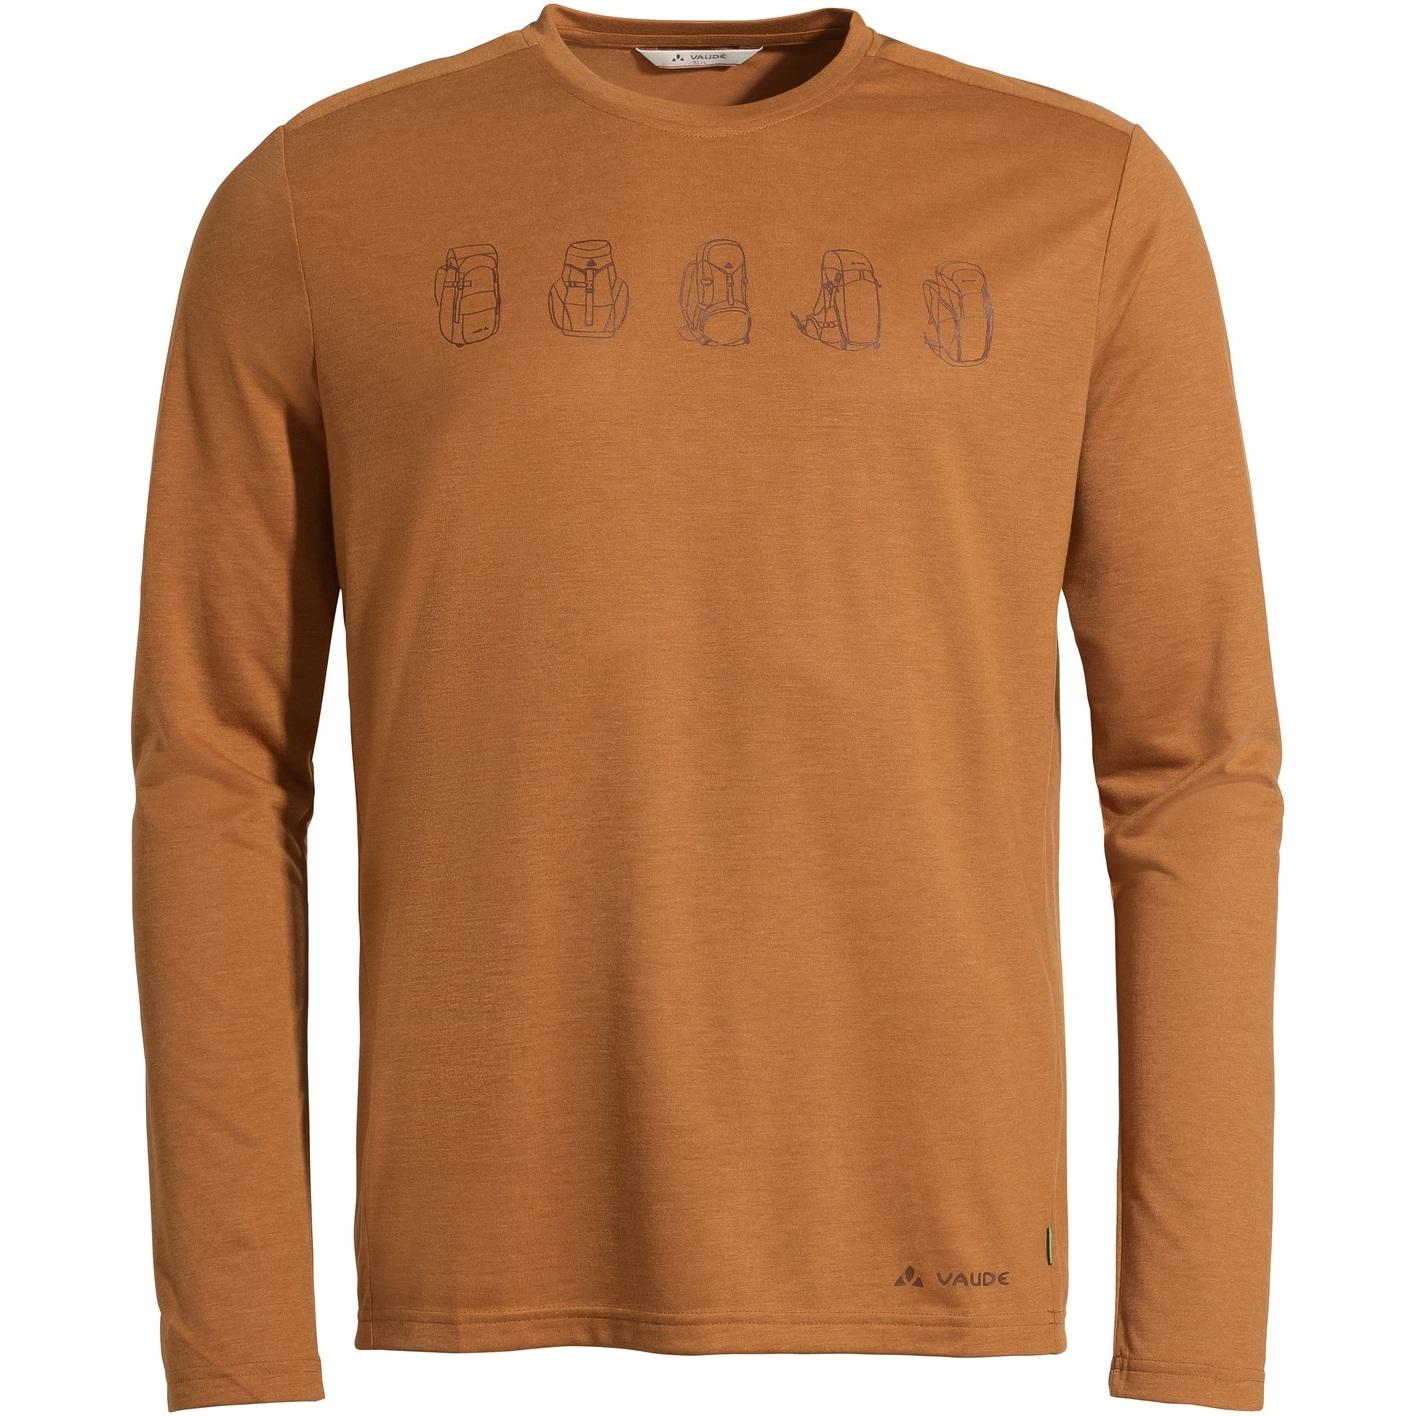 Bild von Vaude Rosemoor LS T-Shirt II - silt brown